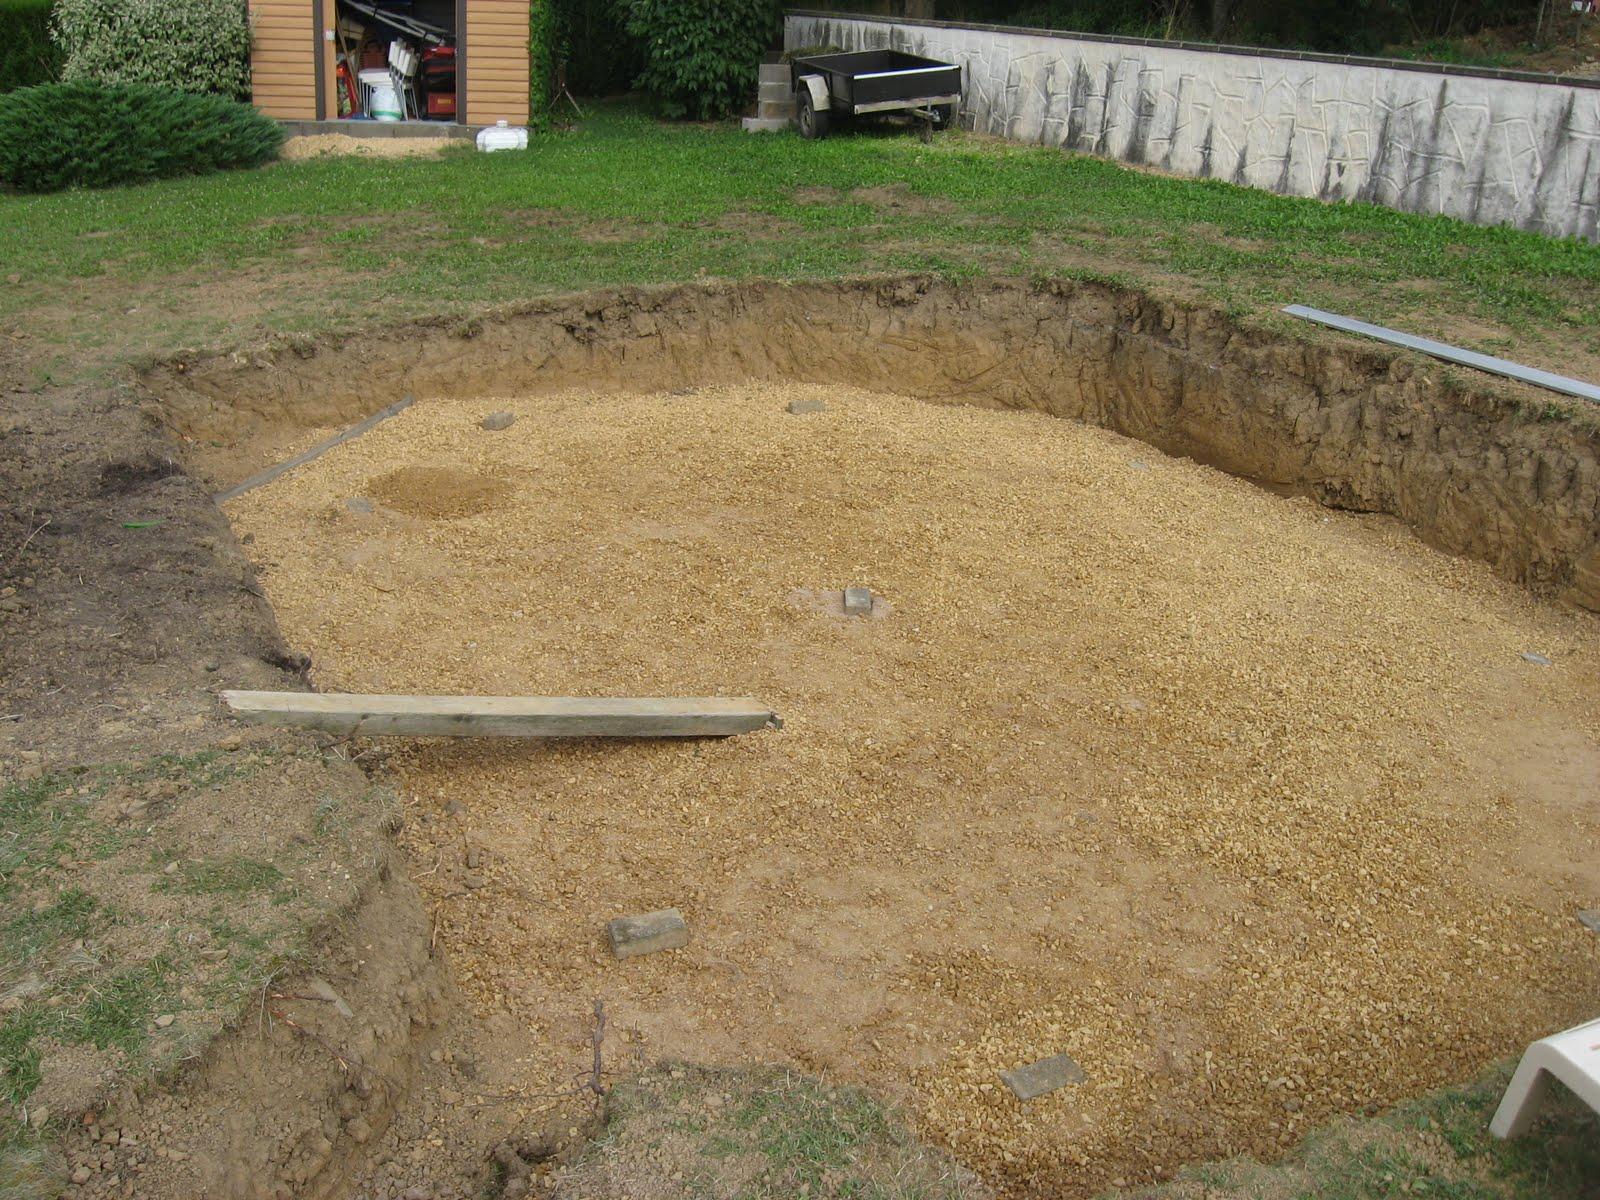 Piscine semi enterr e aujourd 39 hui le h risson for Piscine ouverte aujourd hui